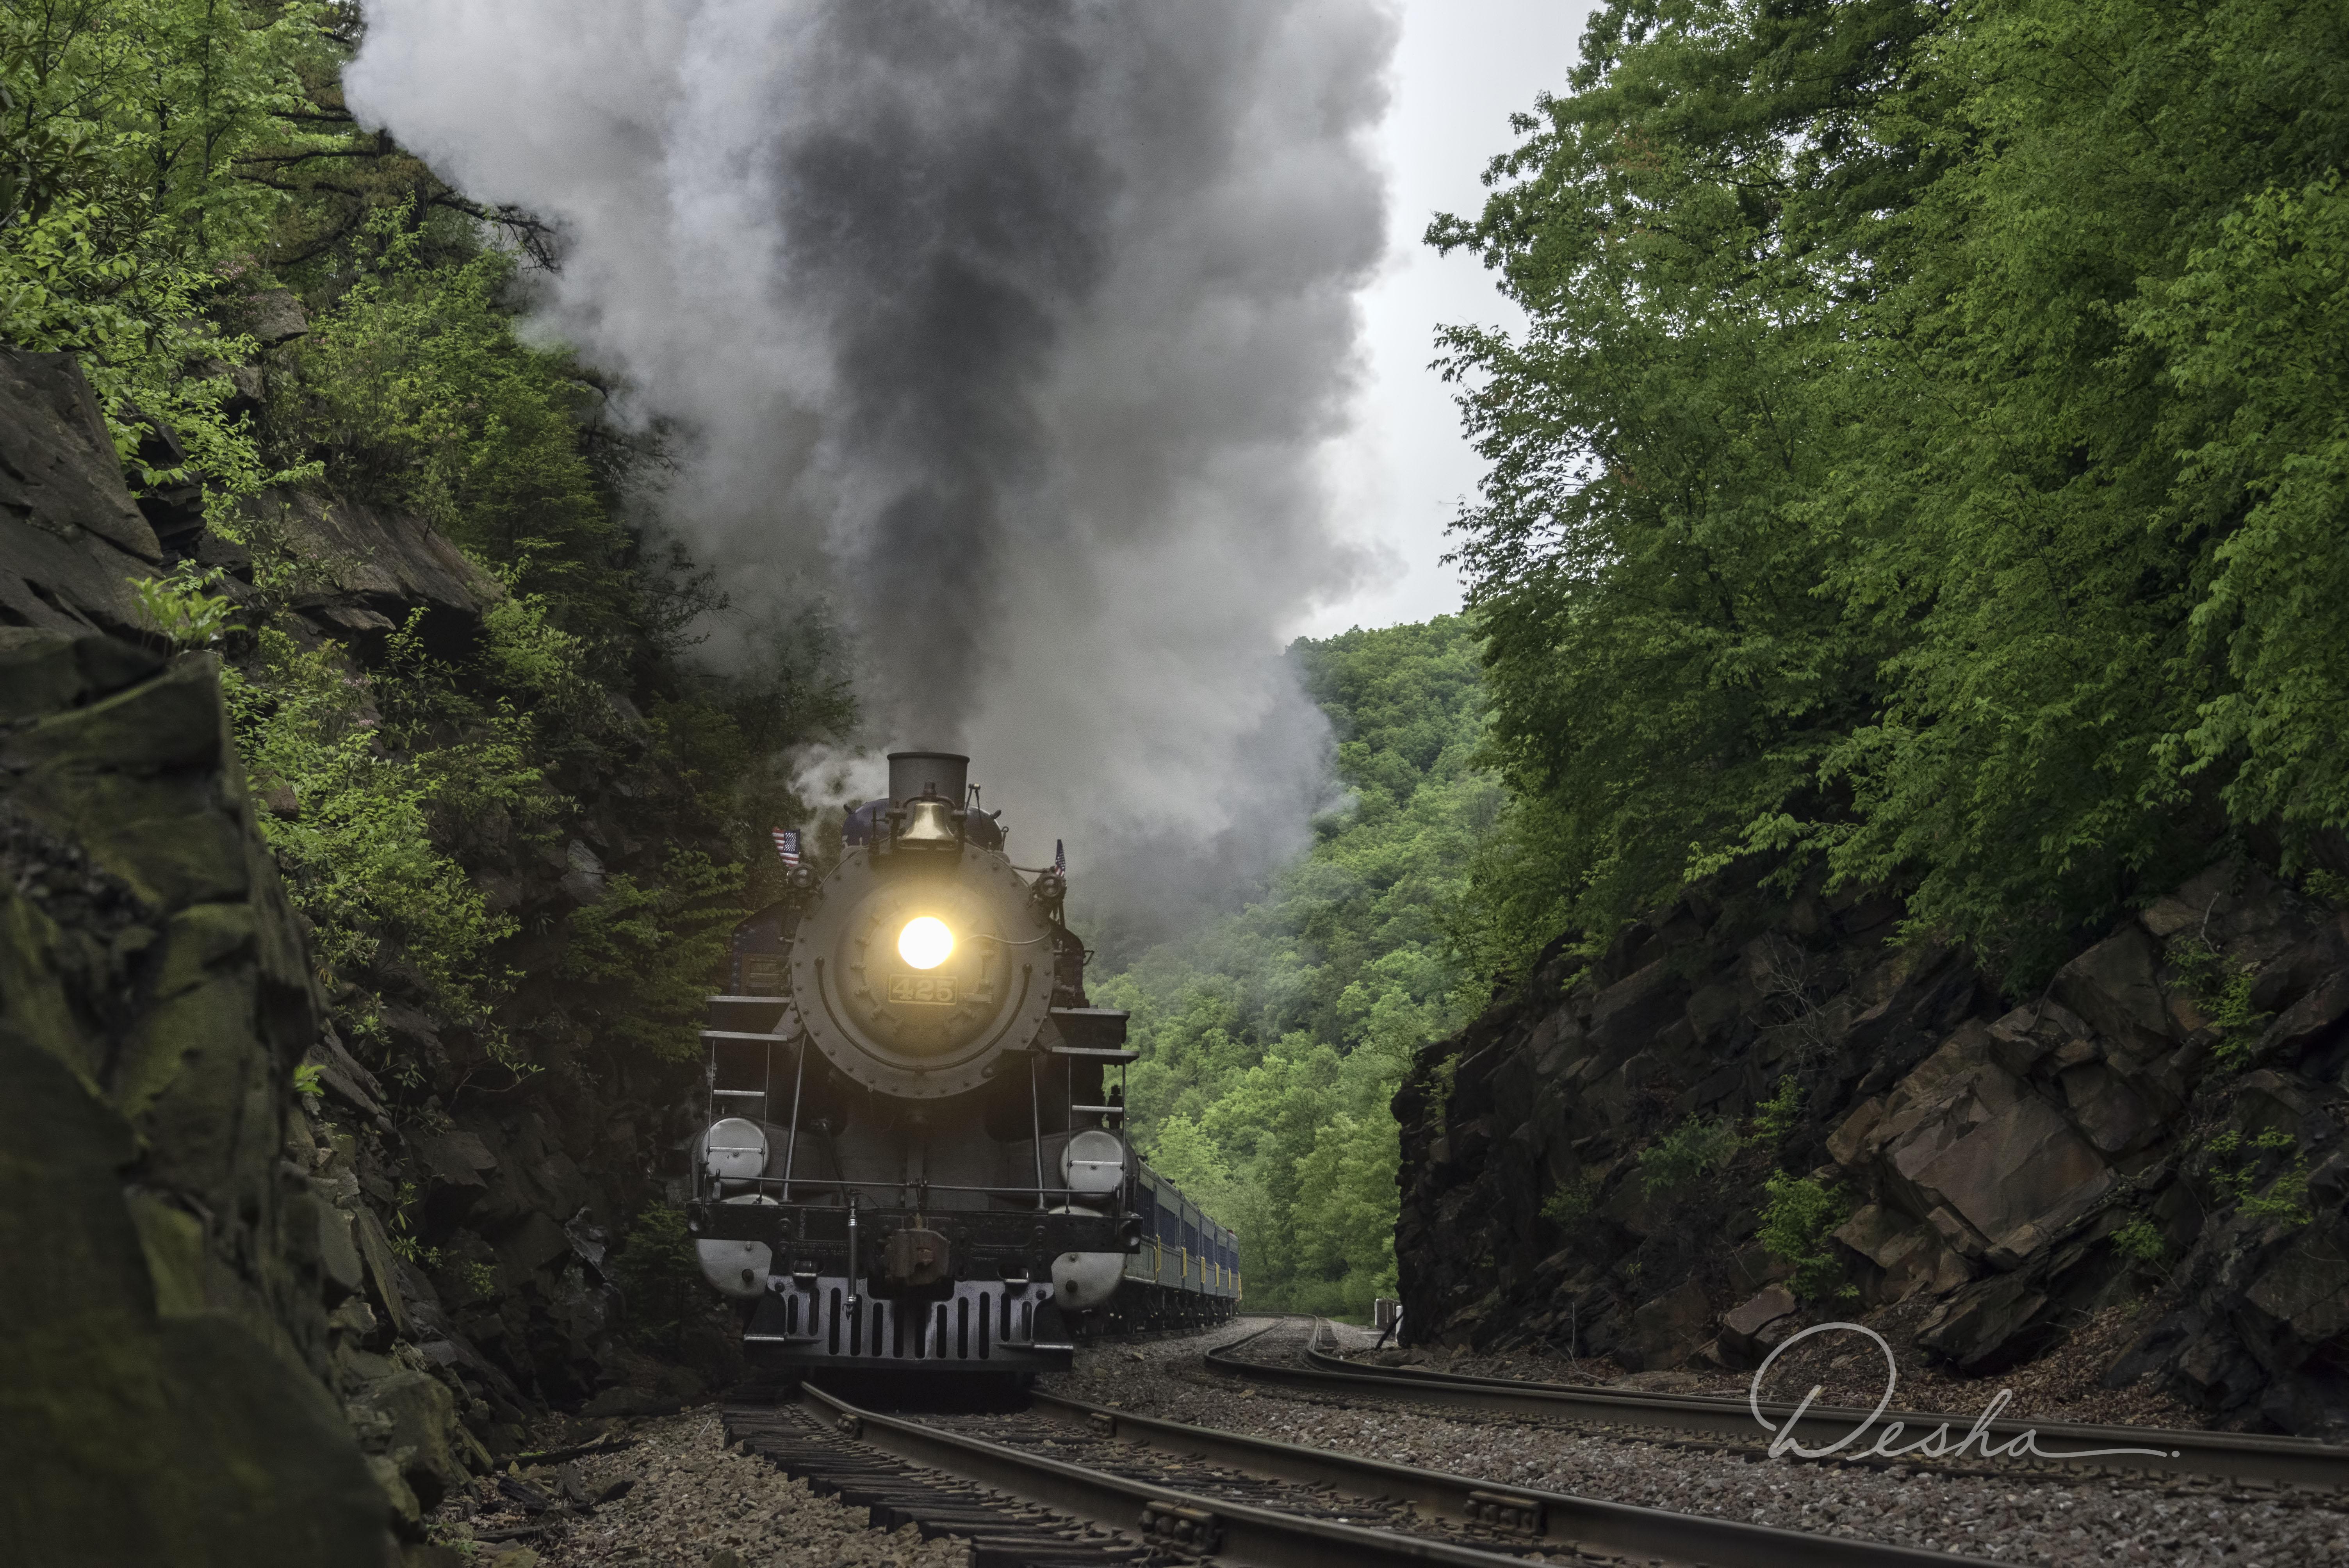 Train through Lehigh Gorge